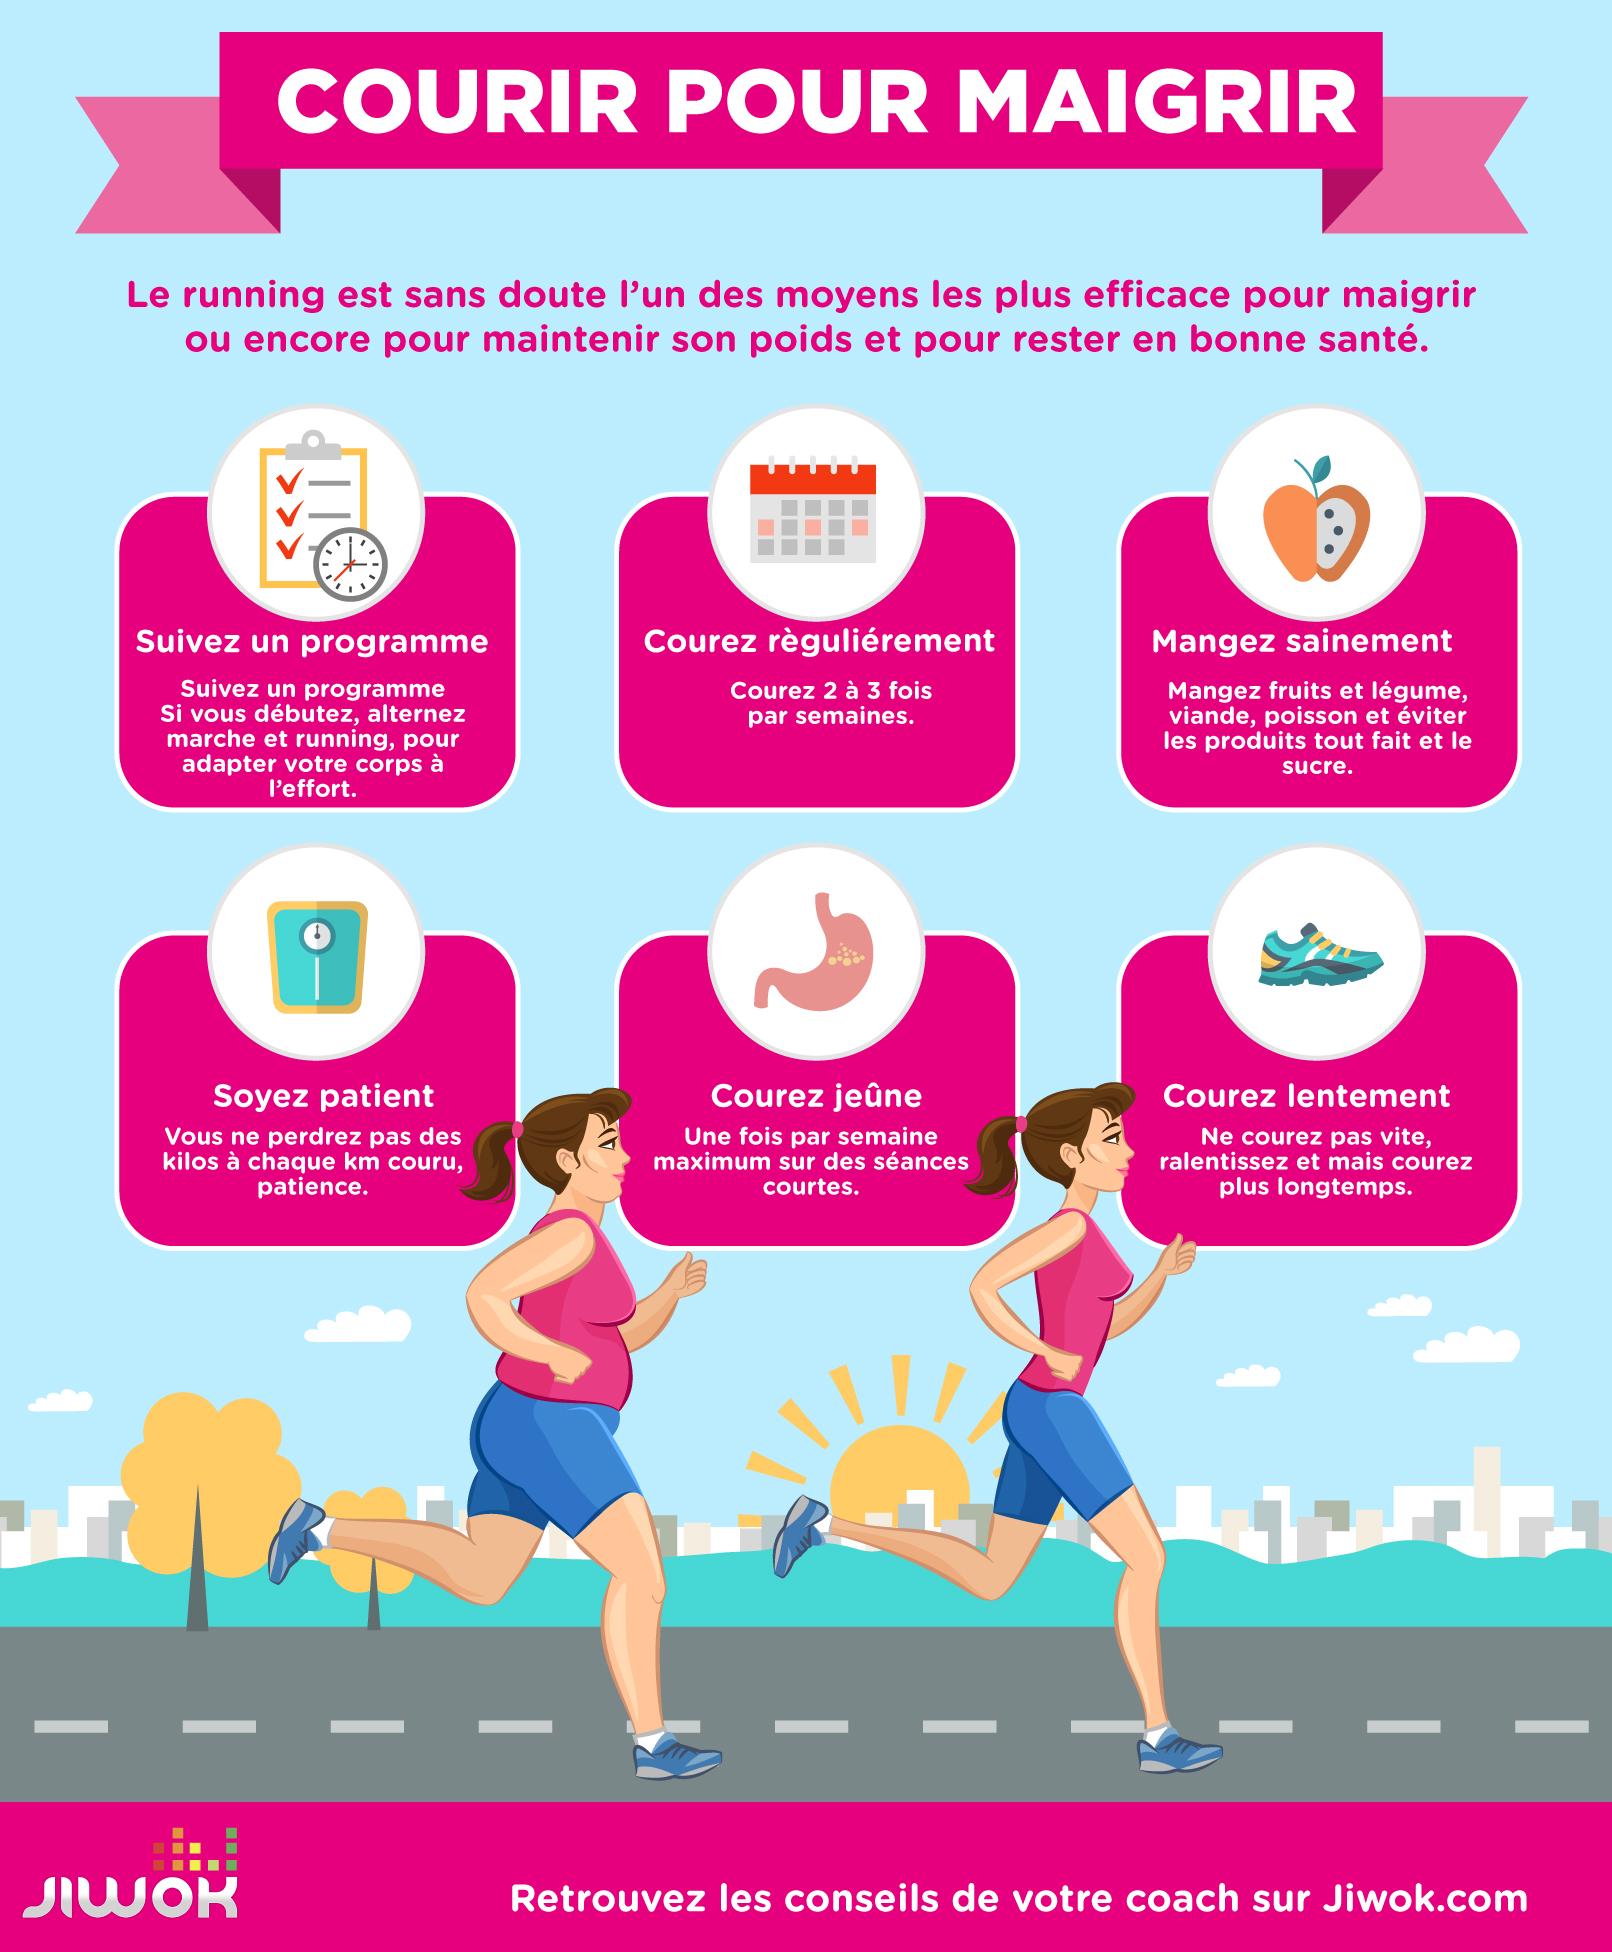 Commencer a courir pour perdre du poids